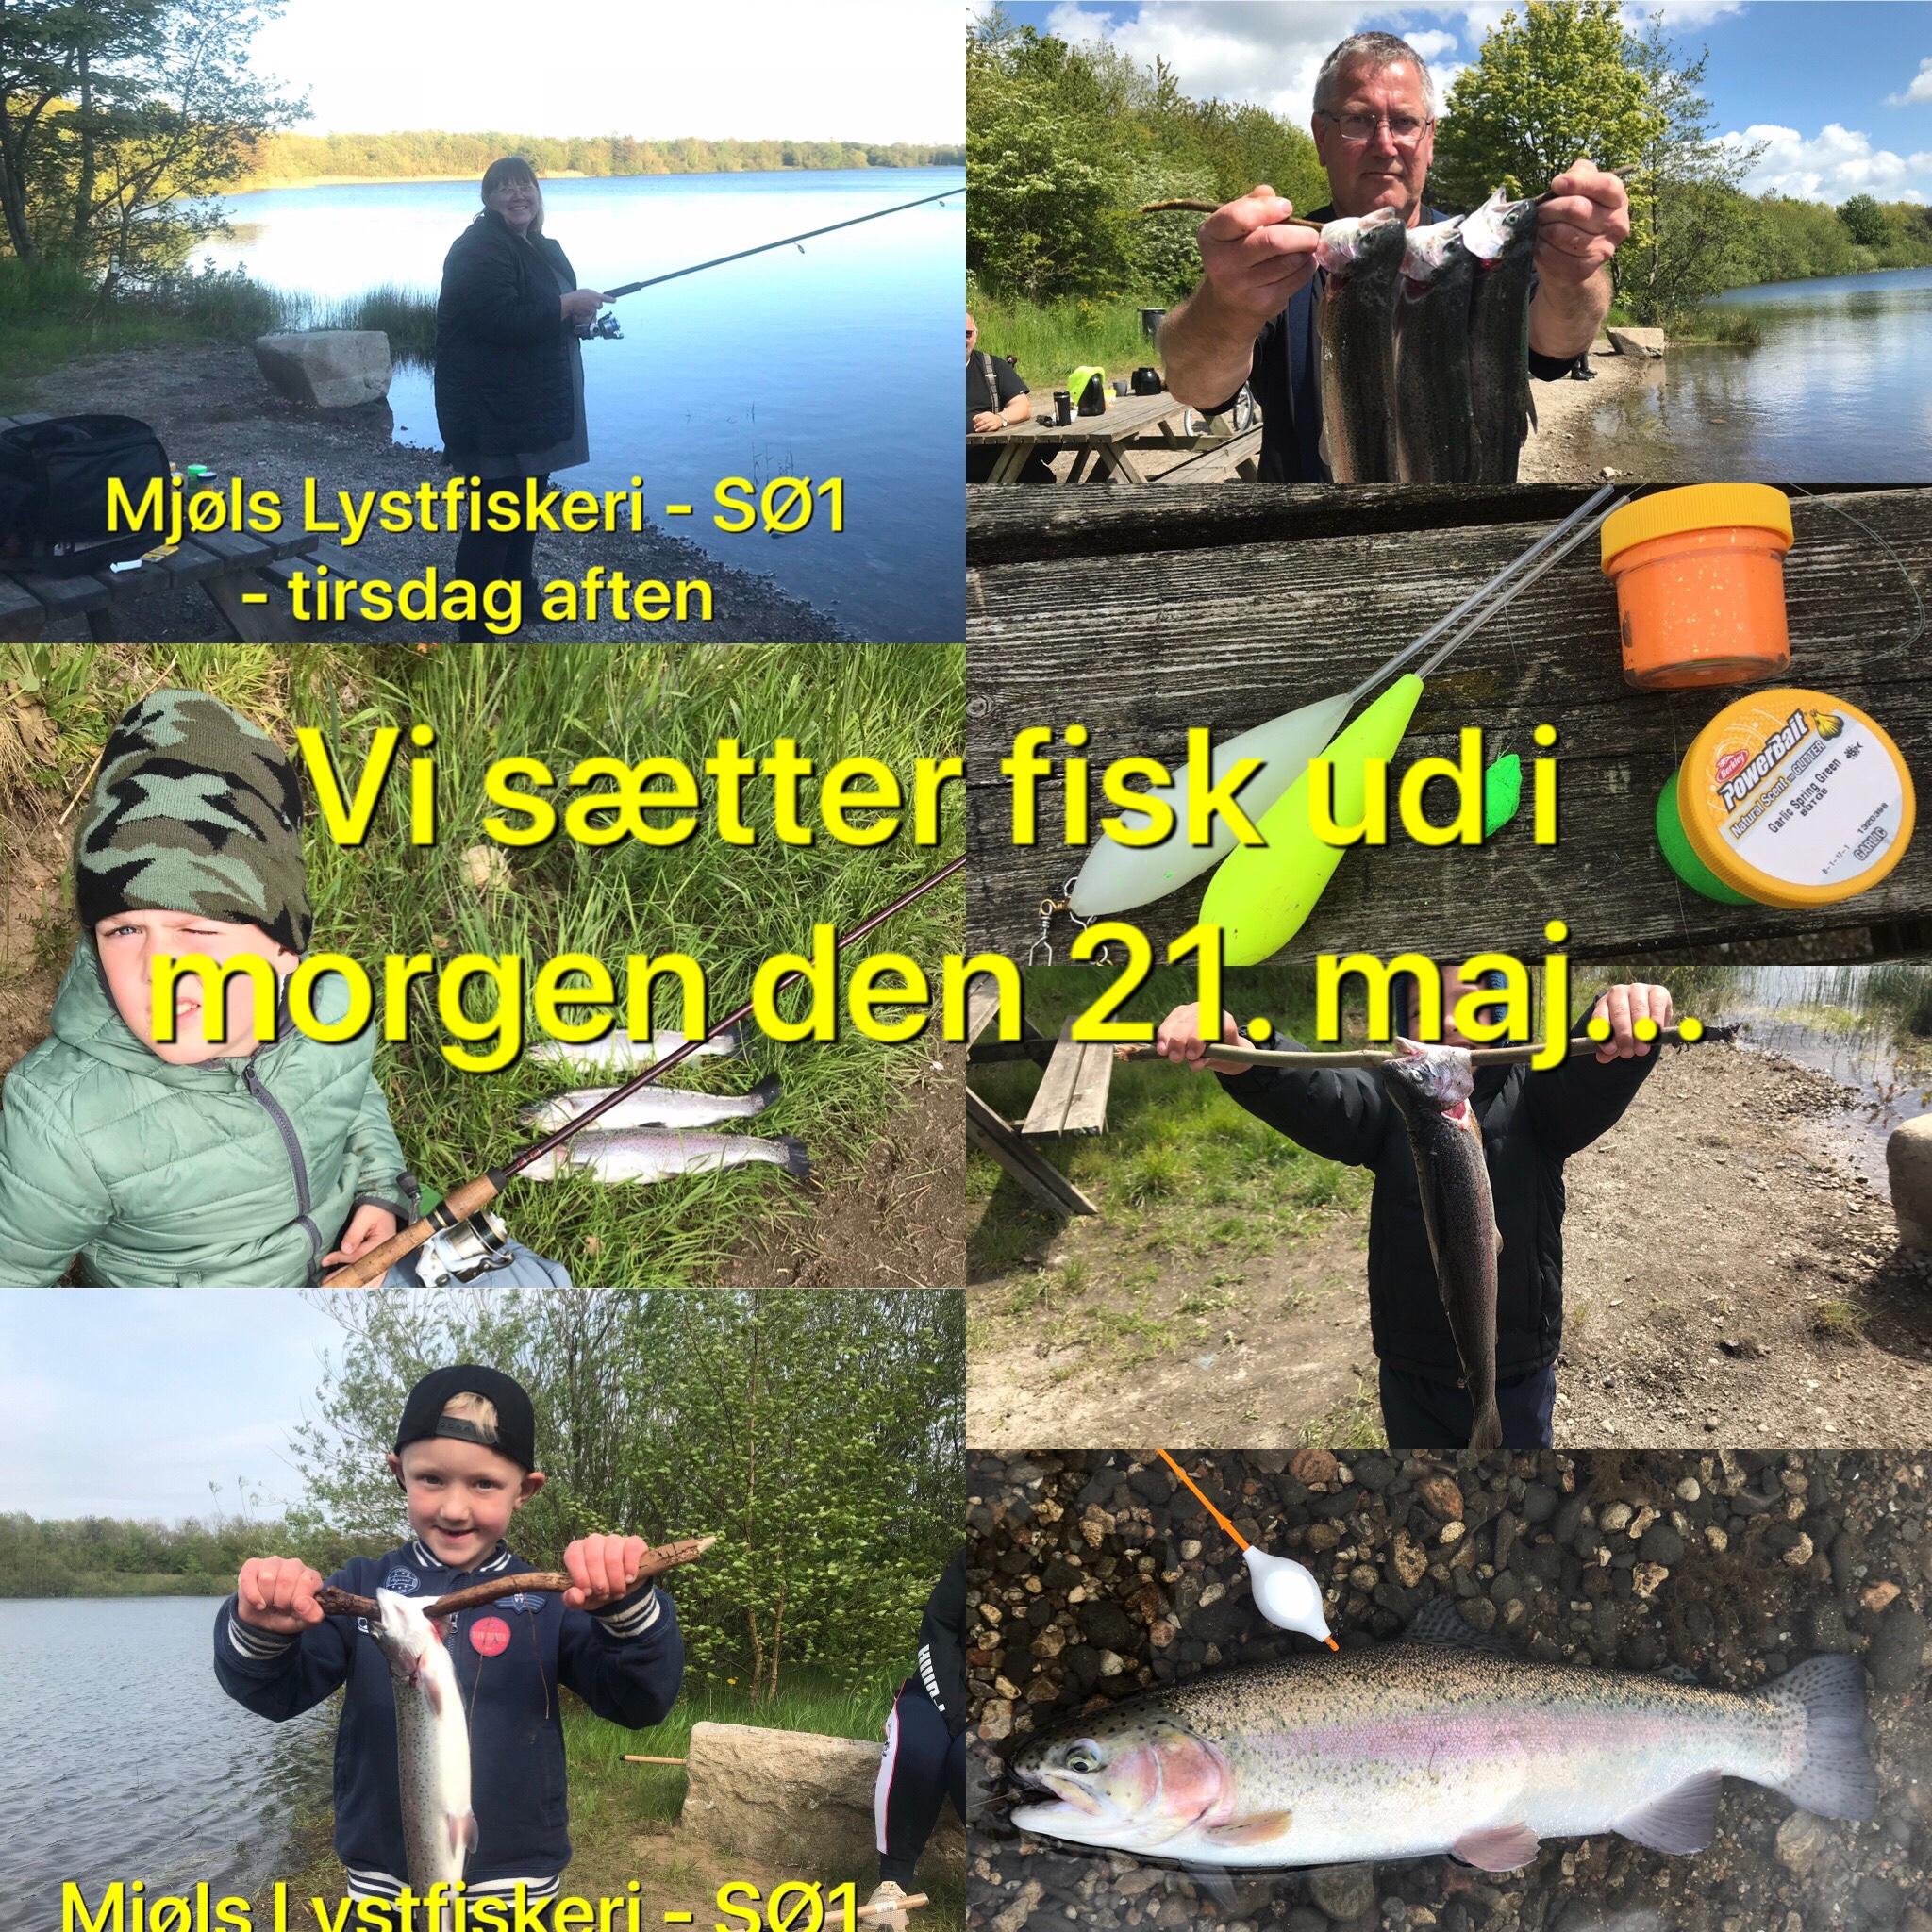 Kristi Himmelfartsdag går helt i fisk i Mjøls